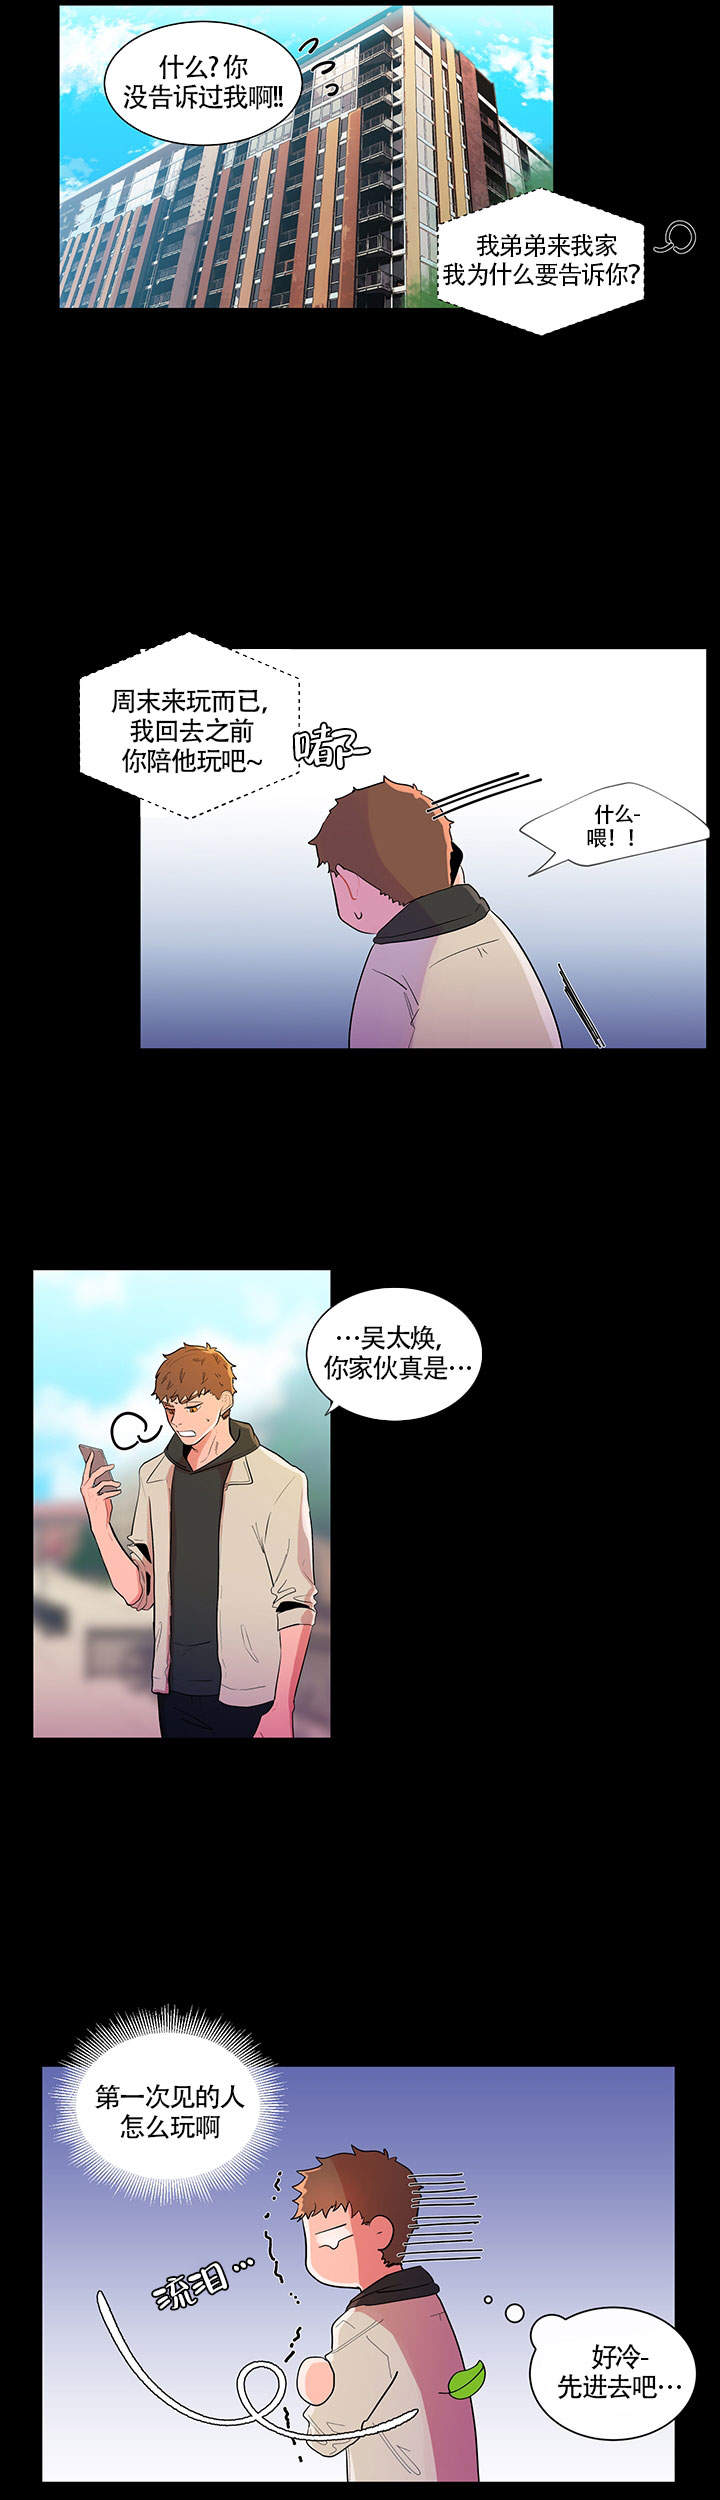 香蕉丑闻-纯爱漫画完整版连载 汉化版在线阅读-啵乐漫画